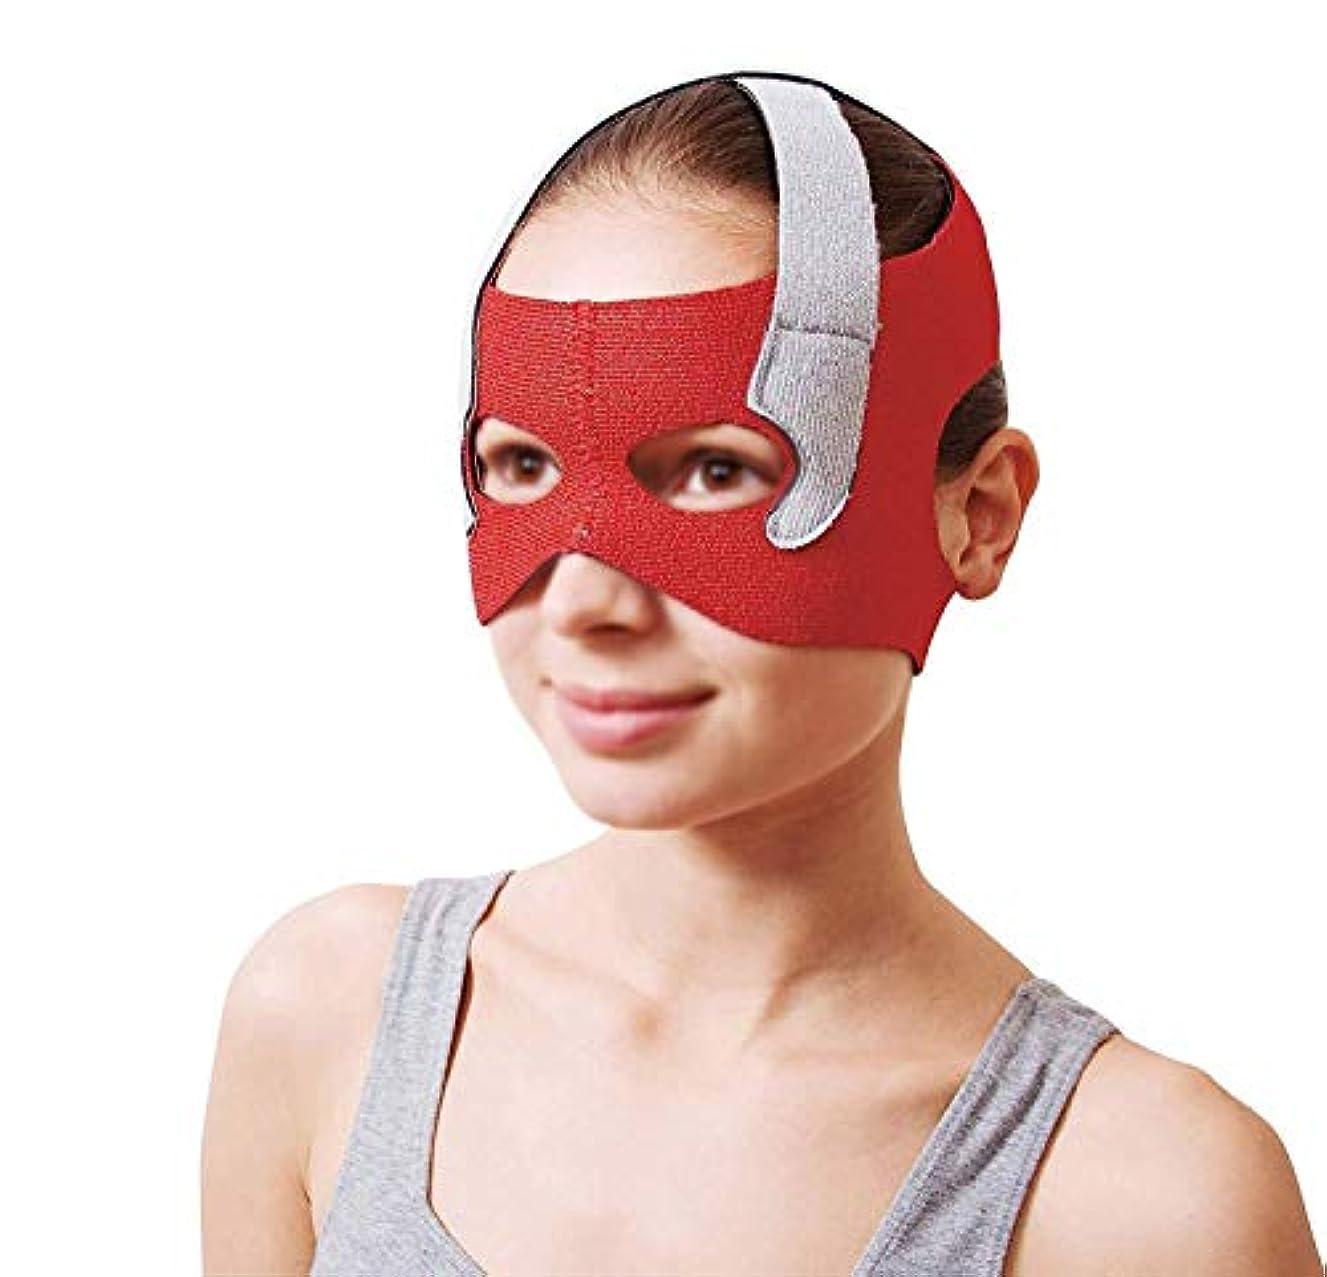 むさぼり食う系譜自宅でフェイスリフトマスク、回復ポスト包帯ヘッドギアフェイスマスク顔薄いフェイスマスクアーティファクト美容ベルト顔と首リフト顔周囲57-68 cm